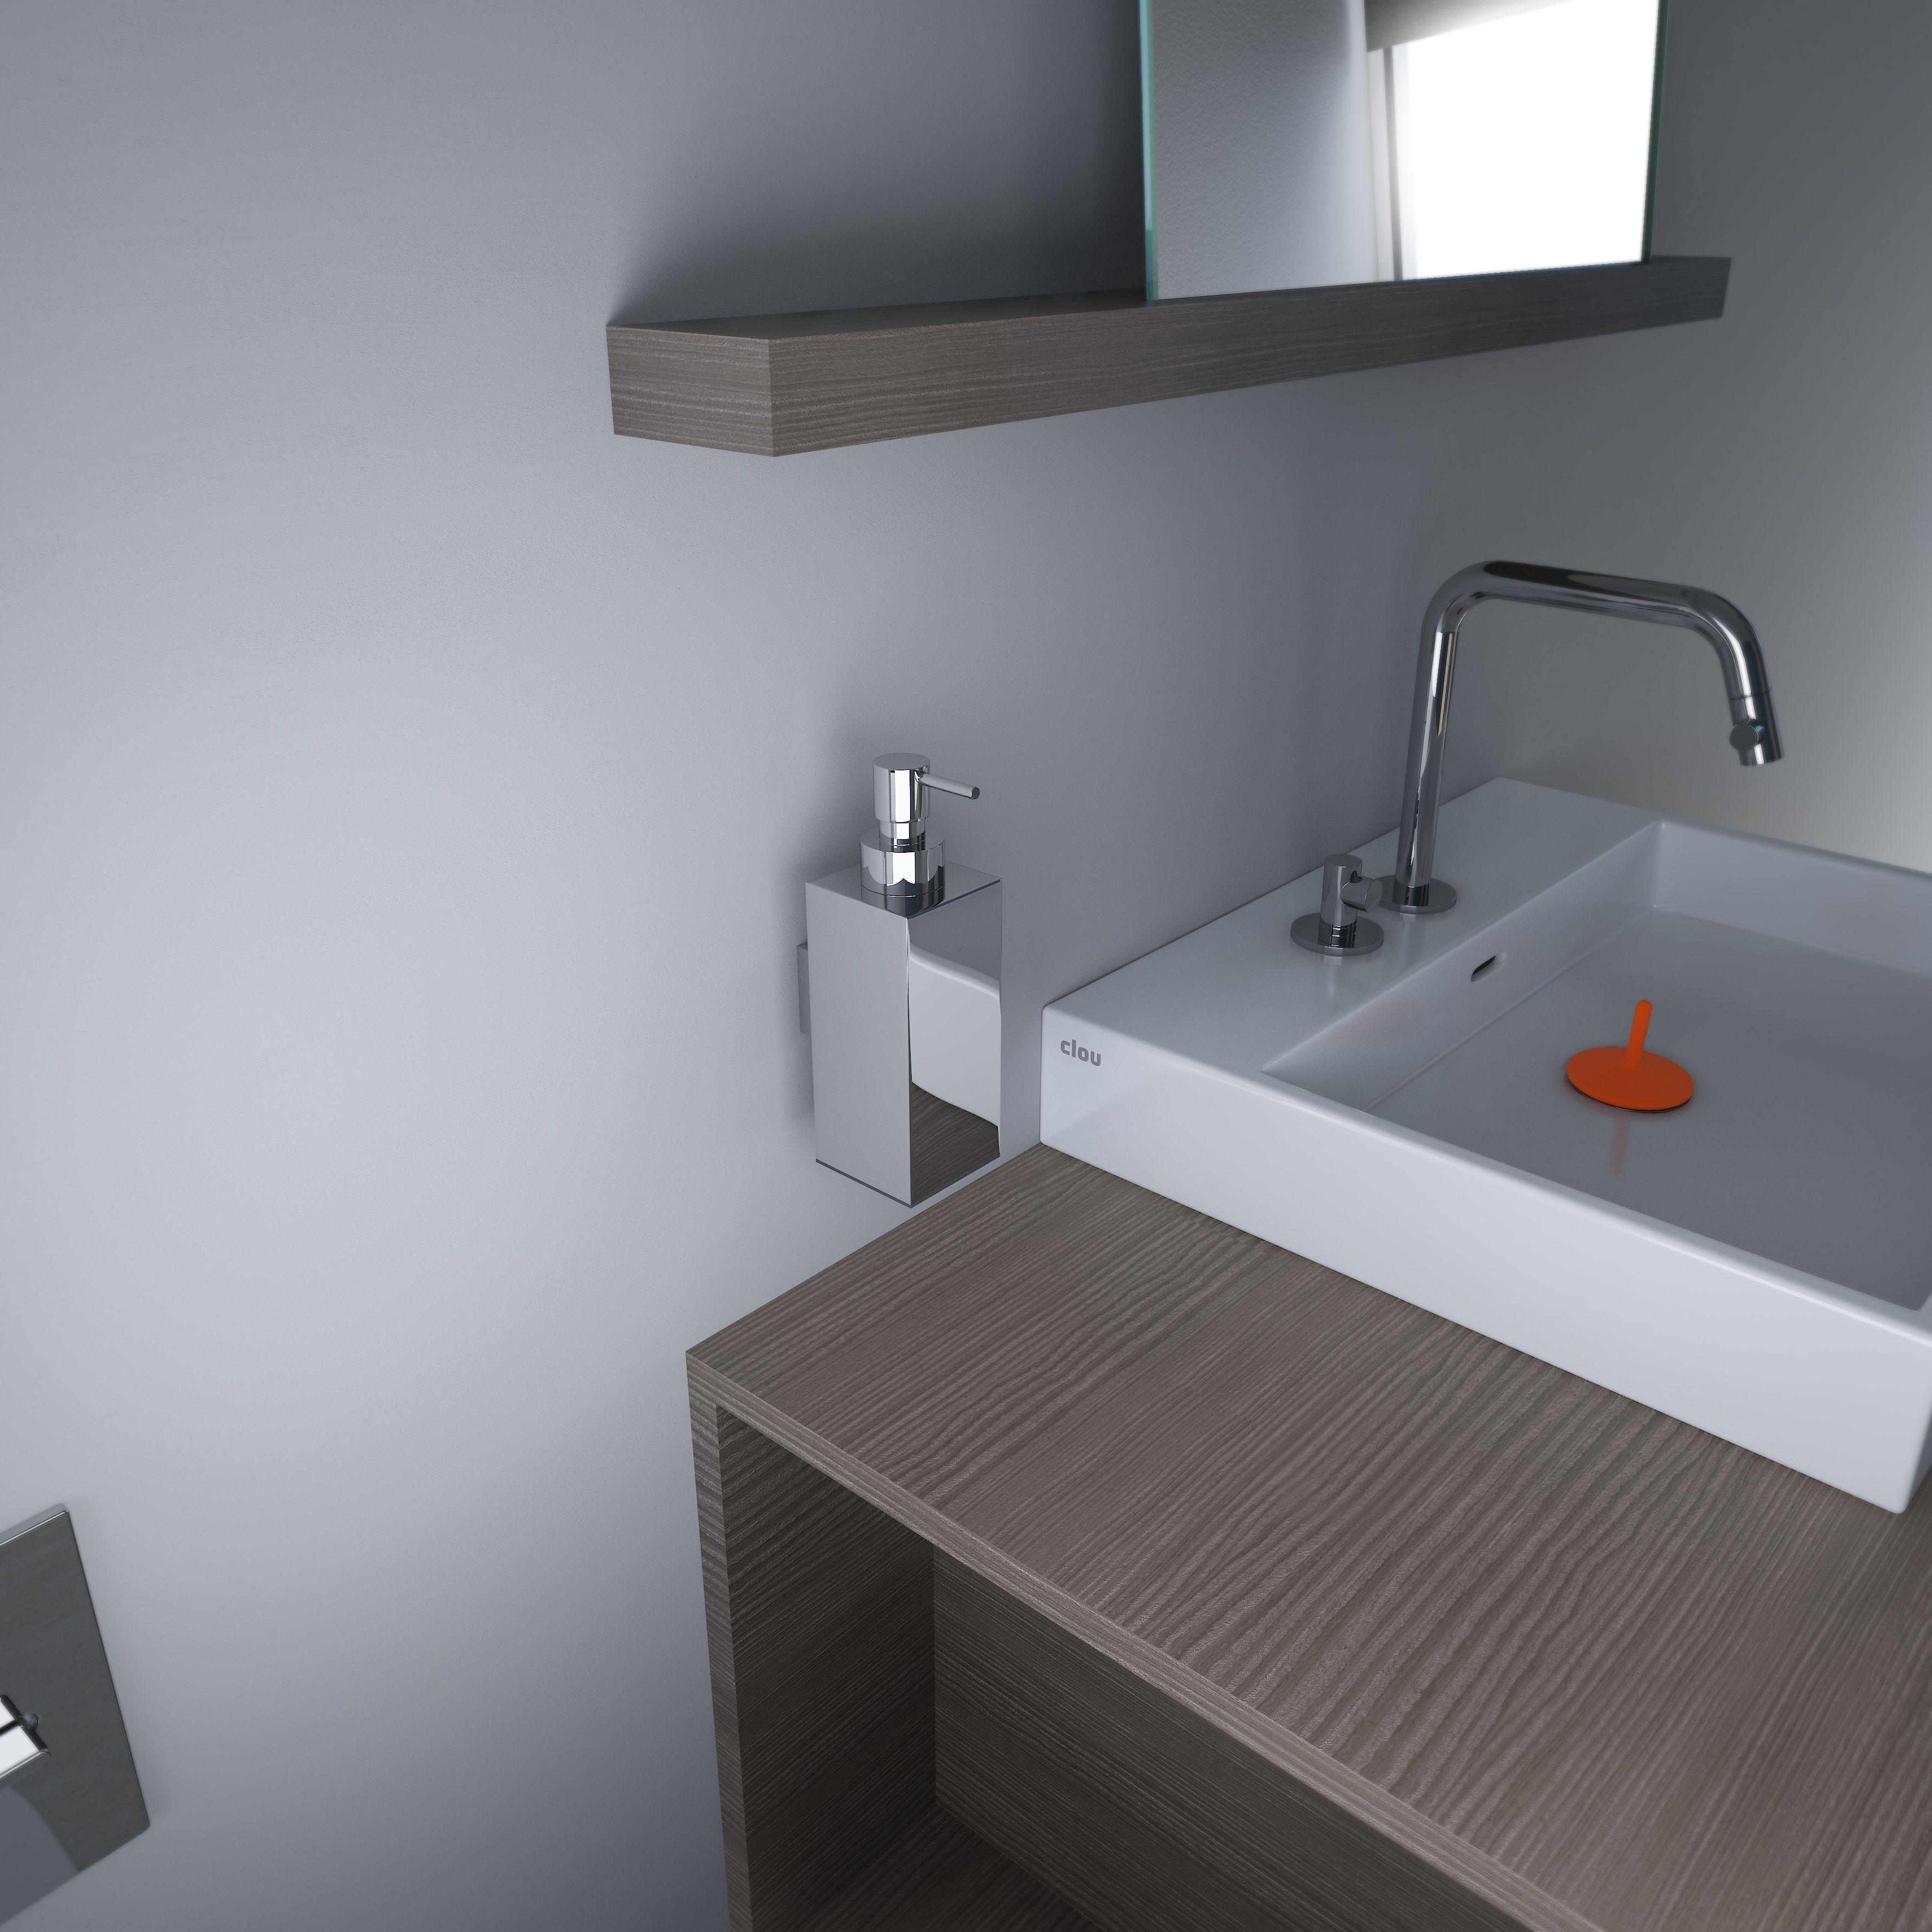 clou quadria wall mounted liquid soap dispenser chrome